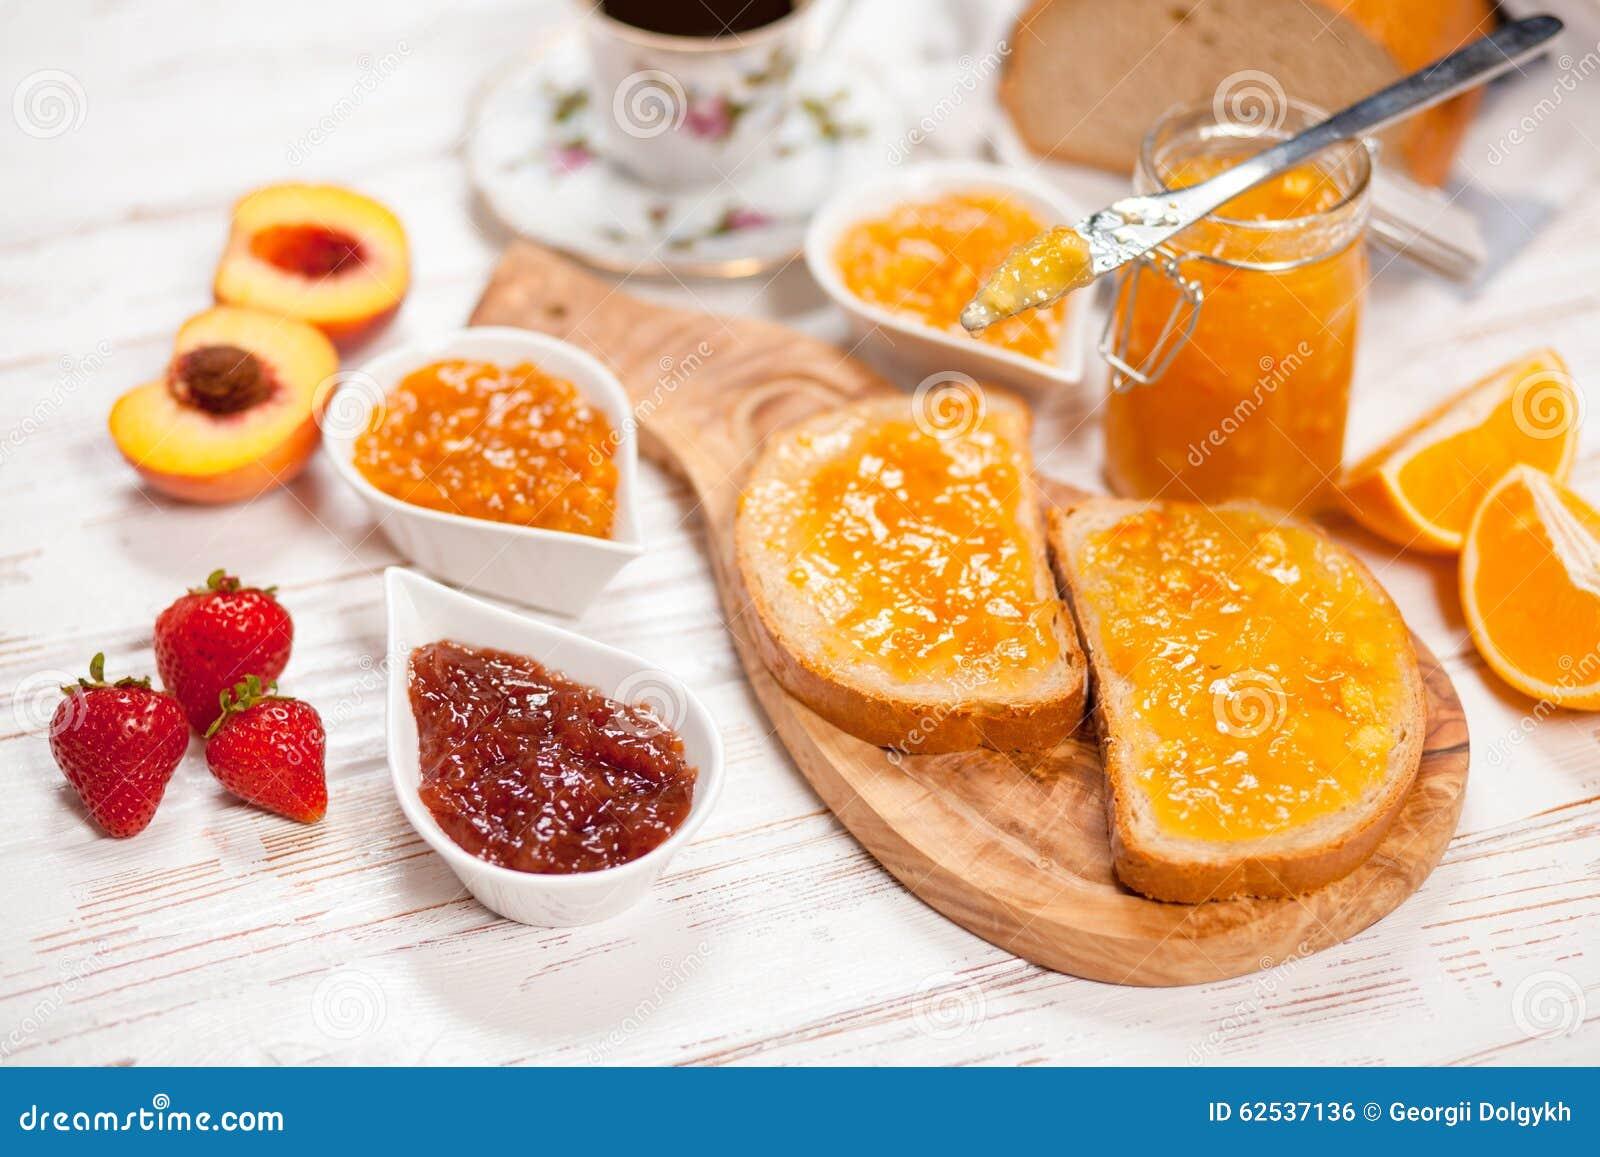 面包片用果酱